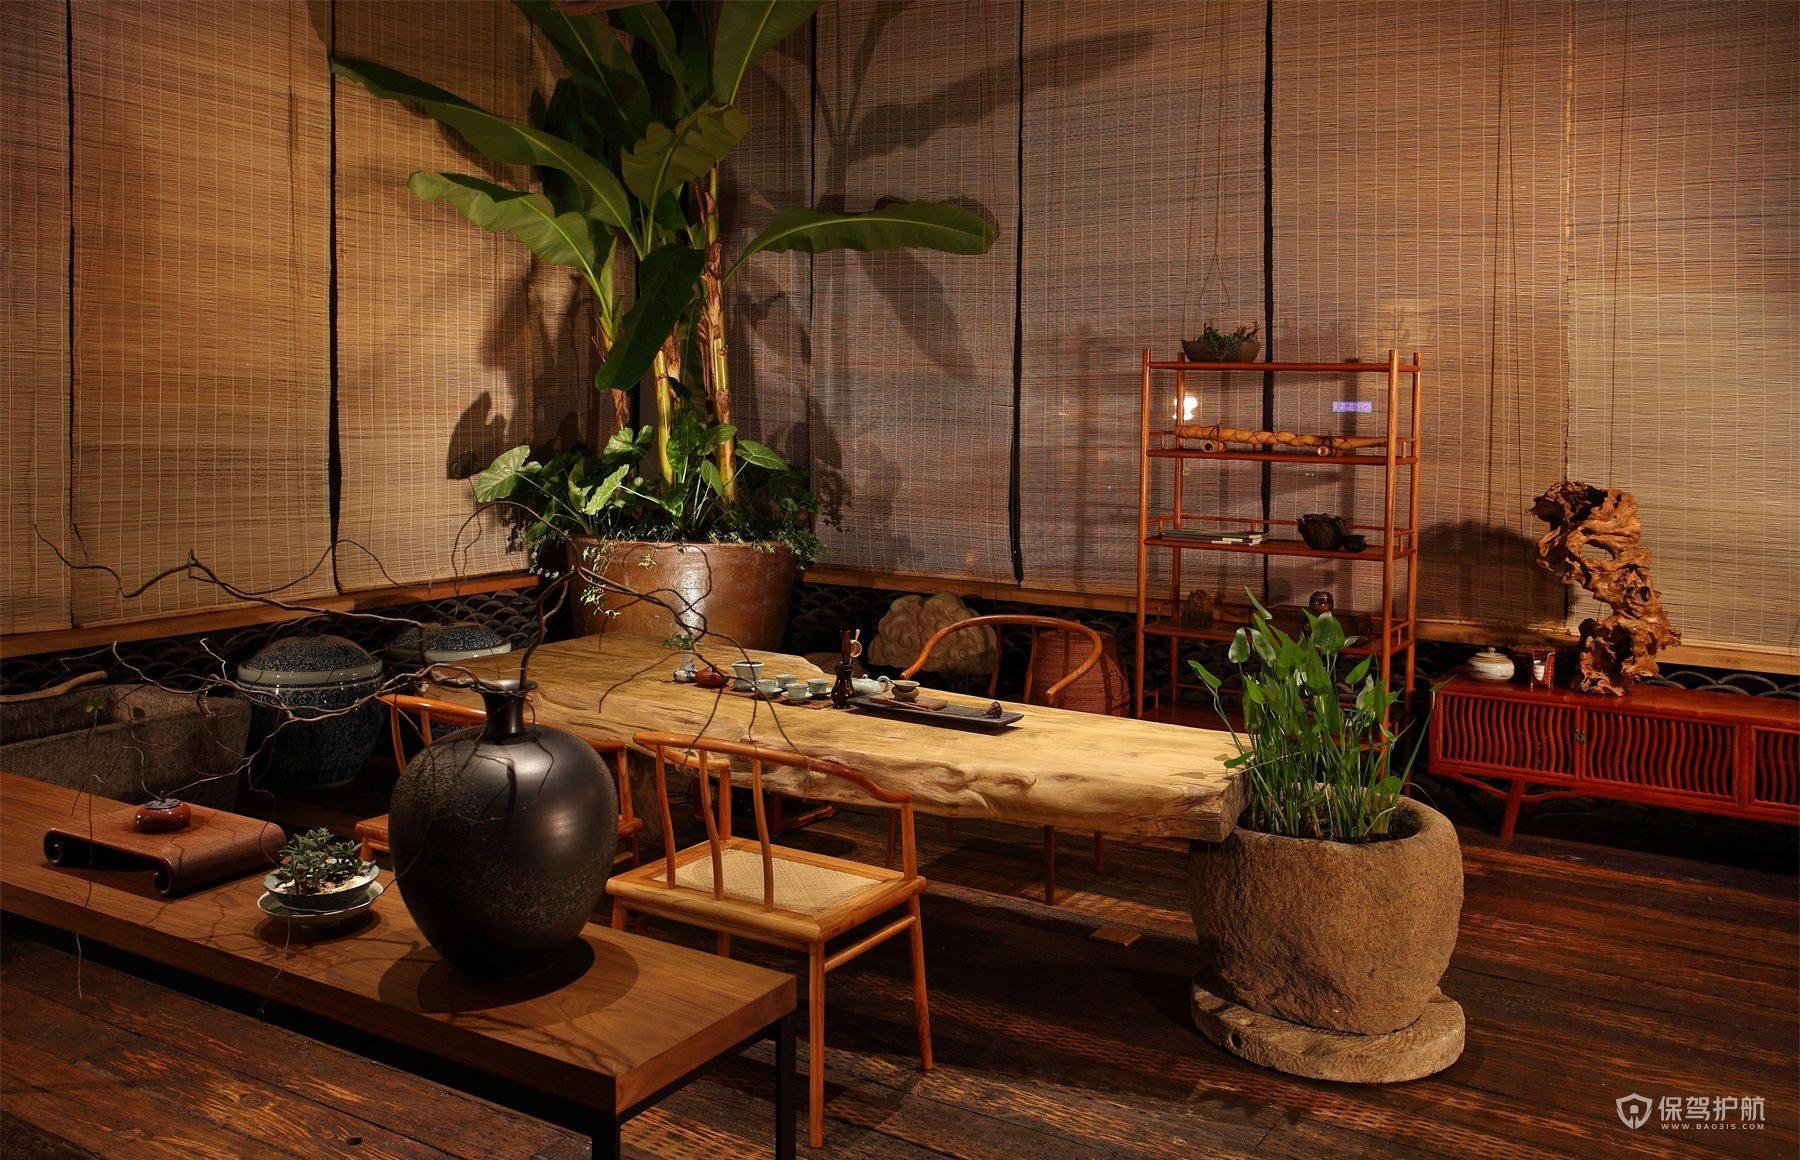 茶文化公司泡茶接待室设计图